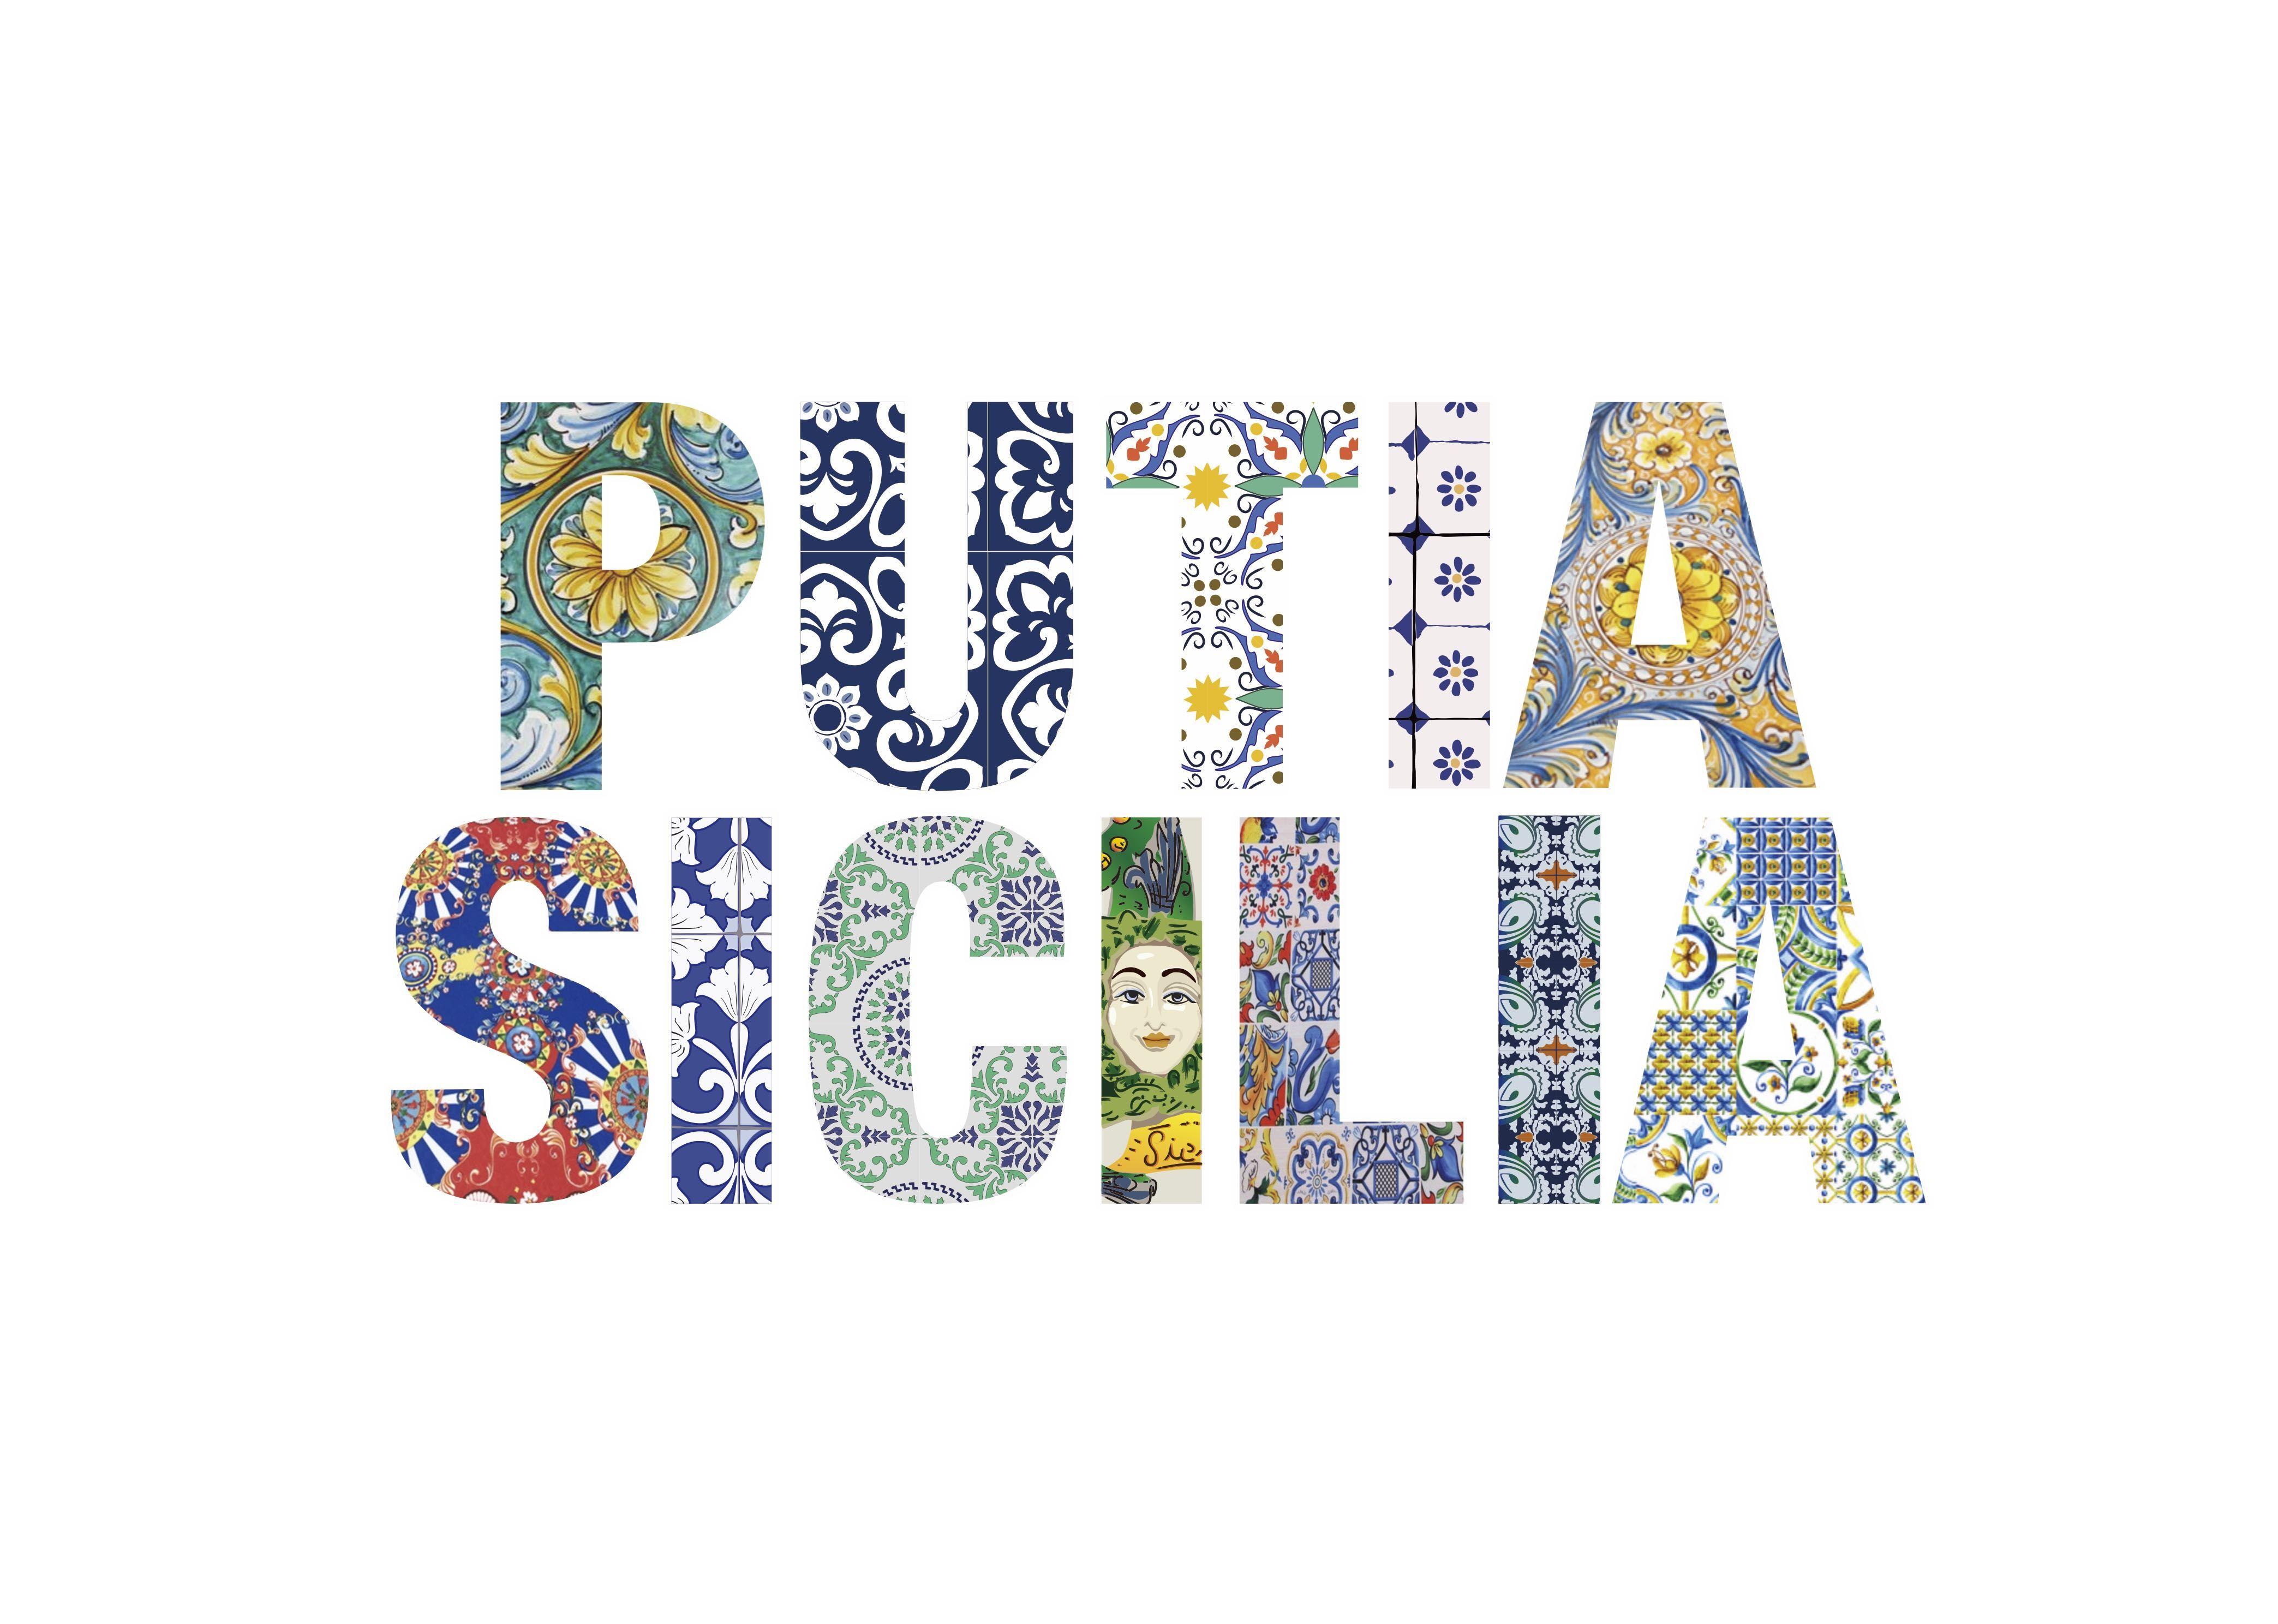 PUTIA SICILIA's STORE